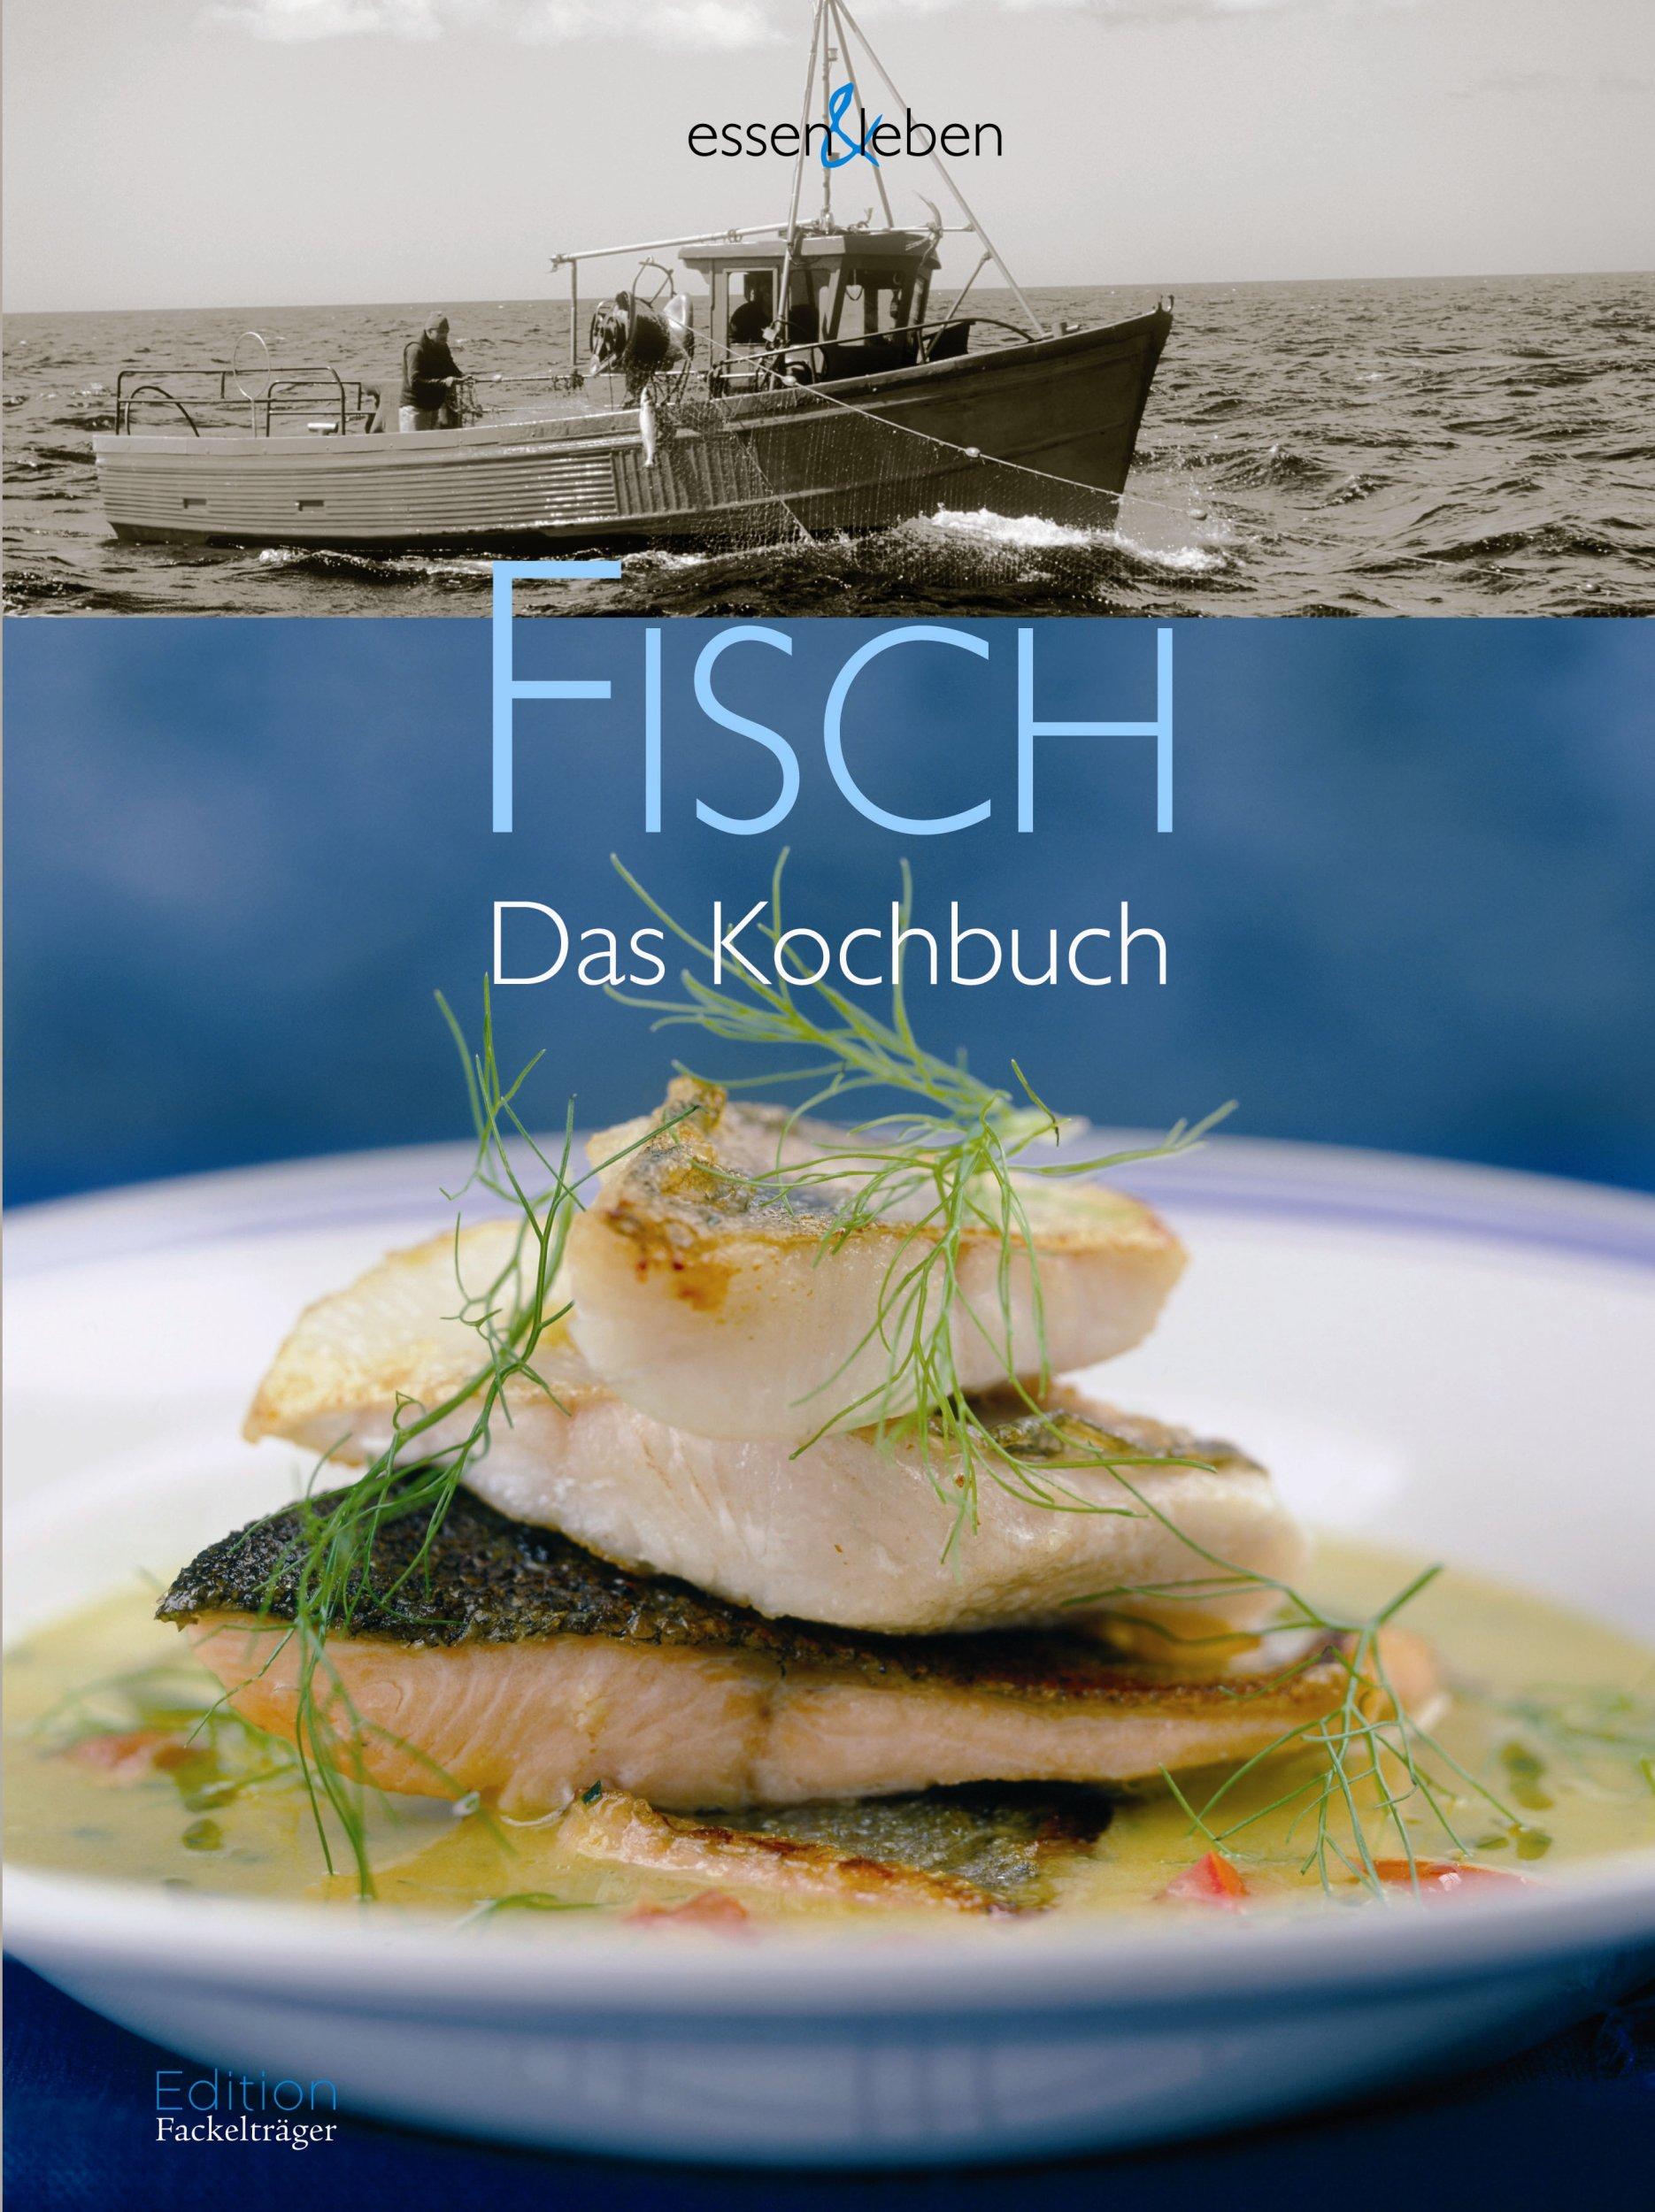 Fisch: Das Kochbuch - mit Weintipps. essen & leben